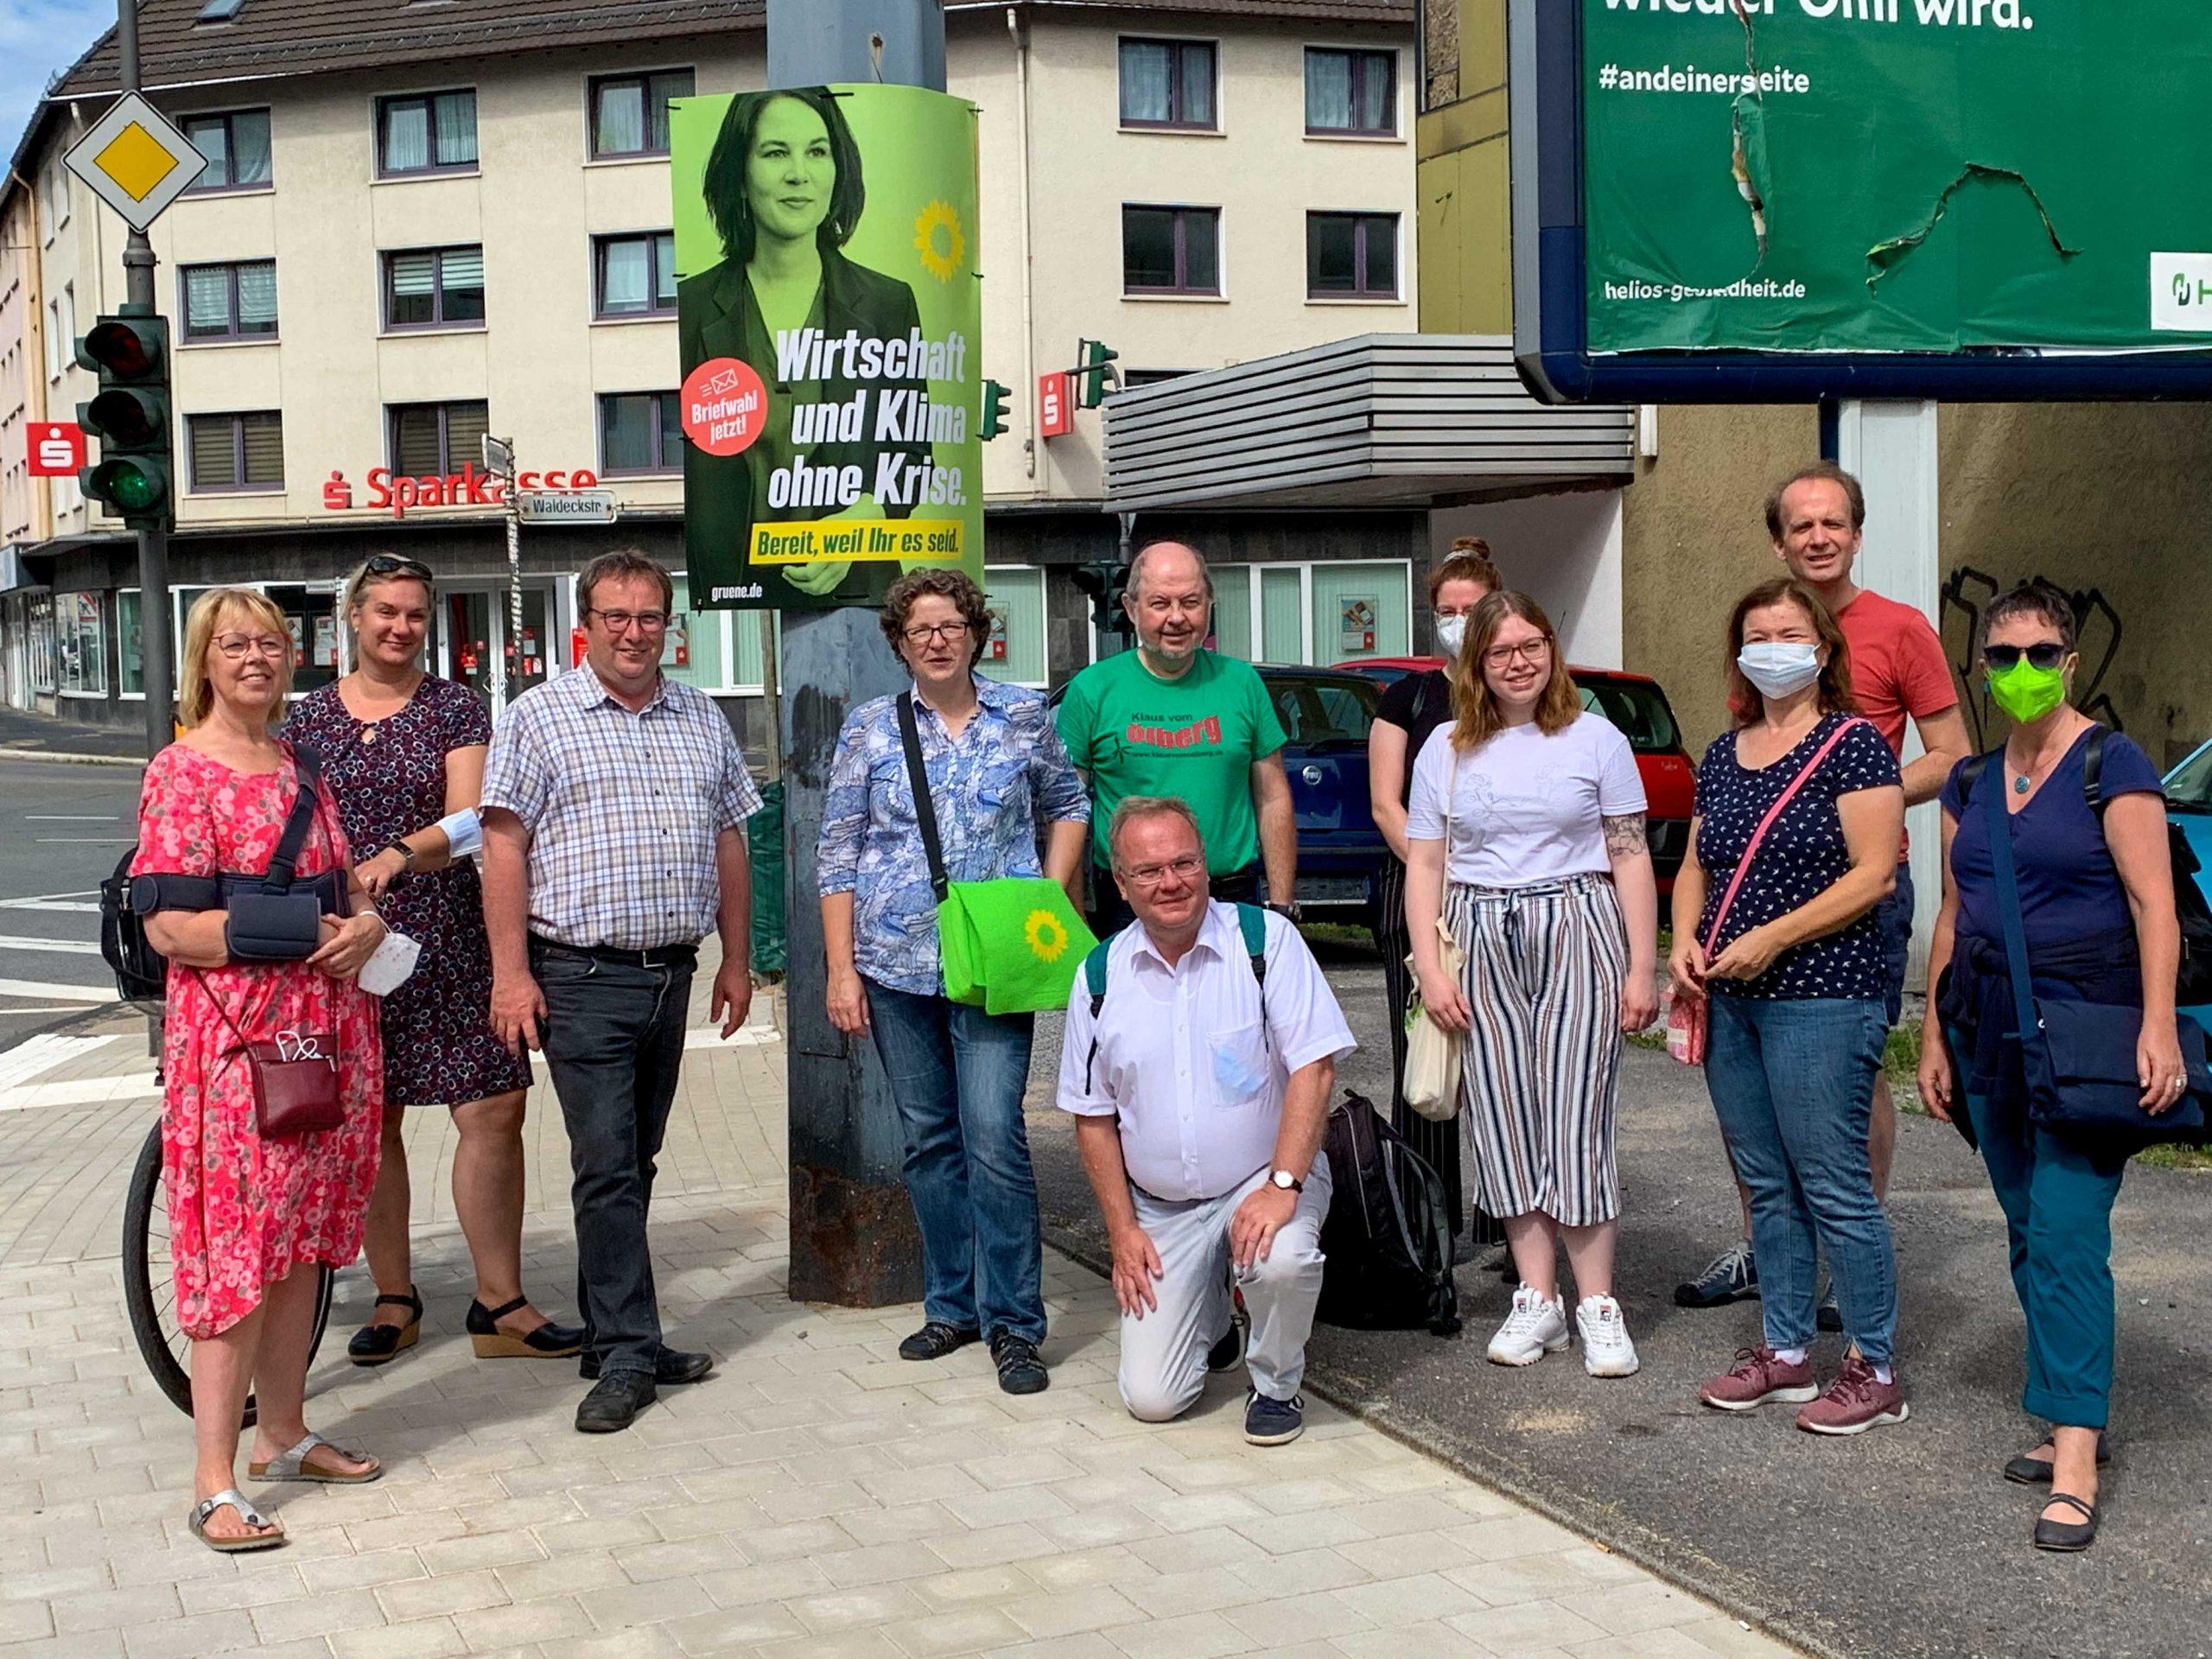 Rundgang in Heckinghausen mit Oliver Krischer, MdB und Anja Liebert